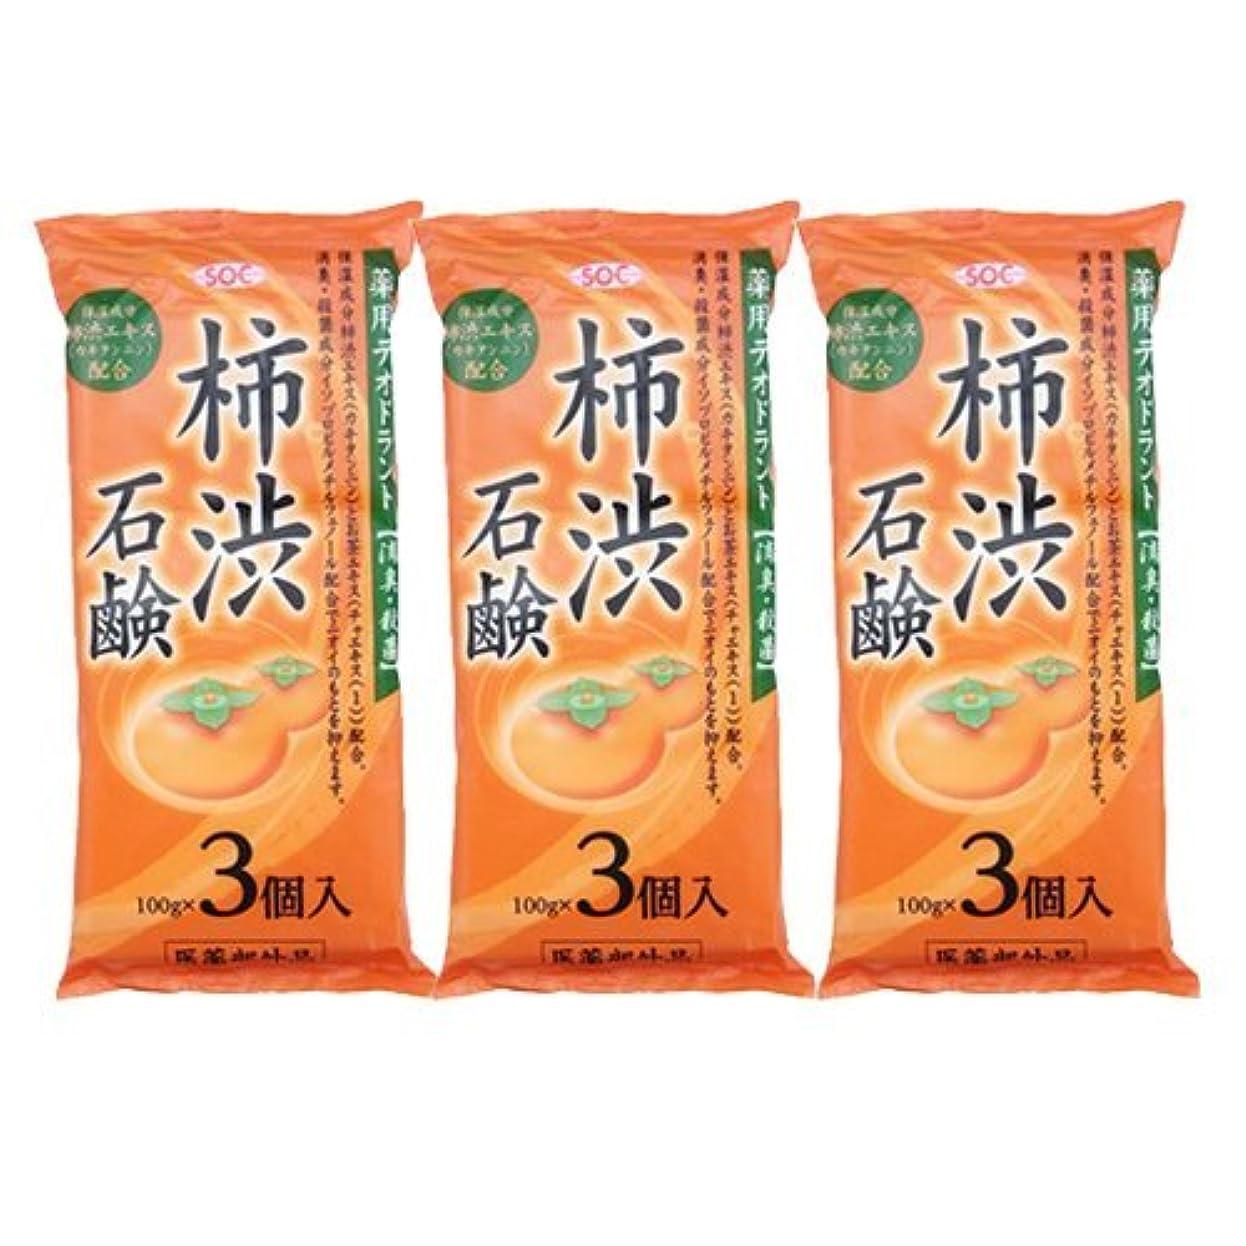 化学薬品カトリック教徒祝福渋谷油脂 SOC 薬用柿渋石鹸 3P ×3袋セット (100g×9個)